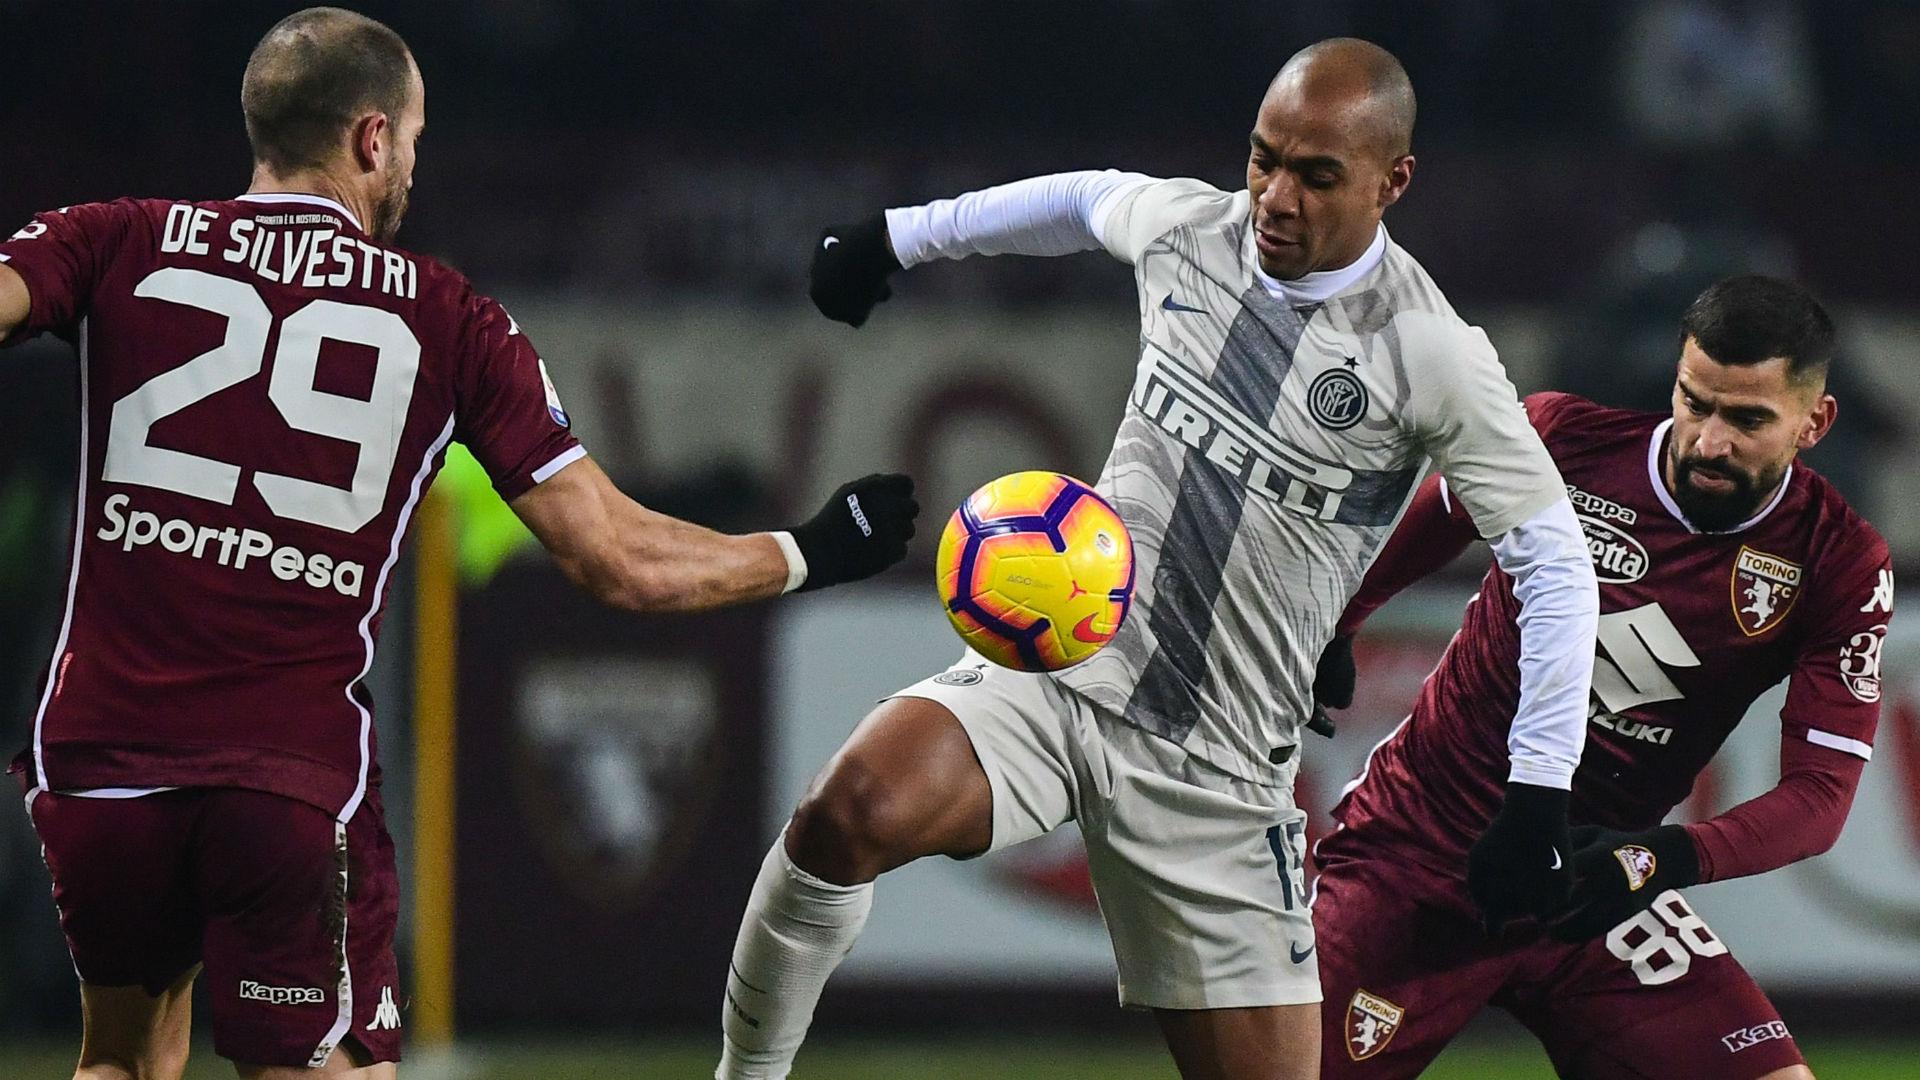 Calciomercato Inter, Joao Mario verso il Porto: lo vuole Conceição